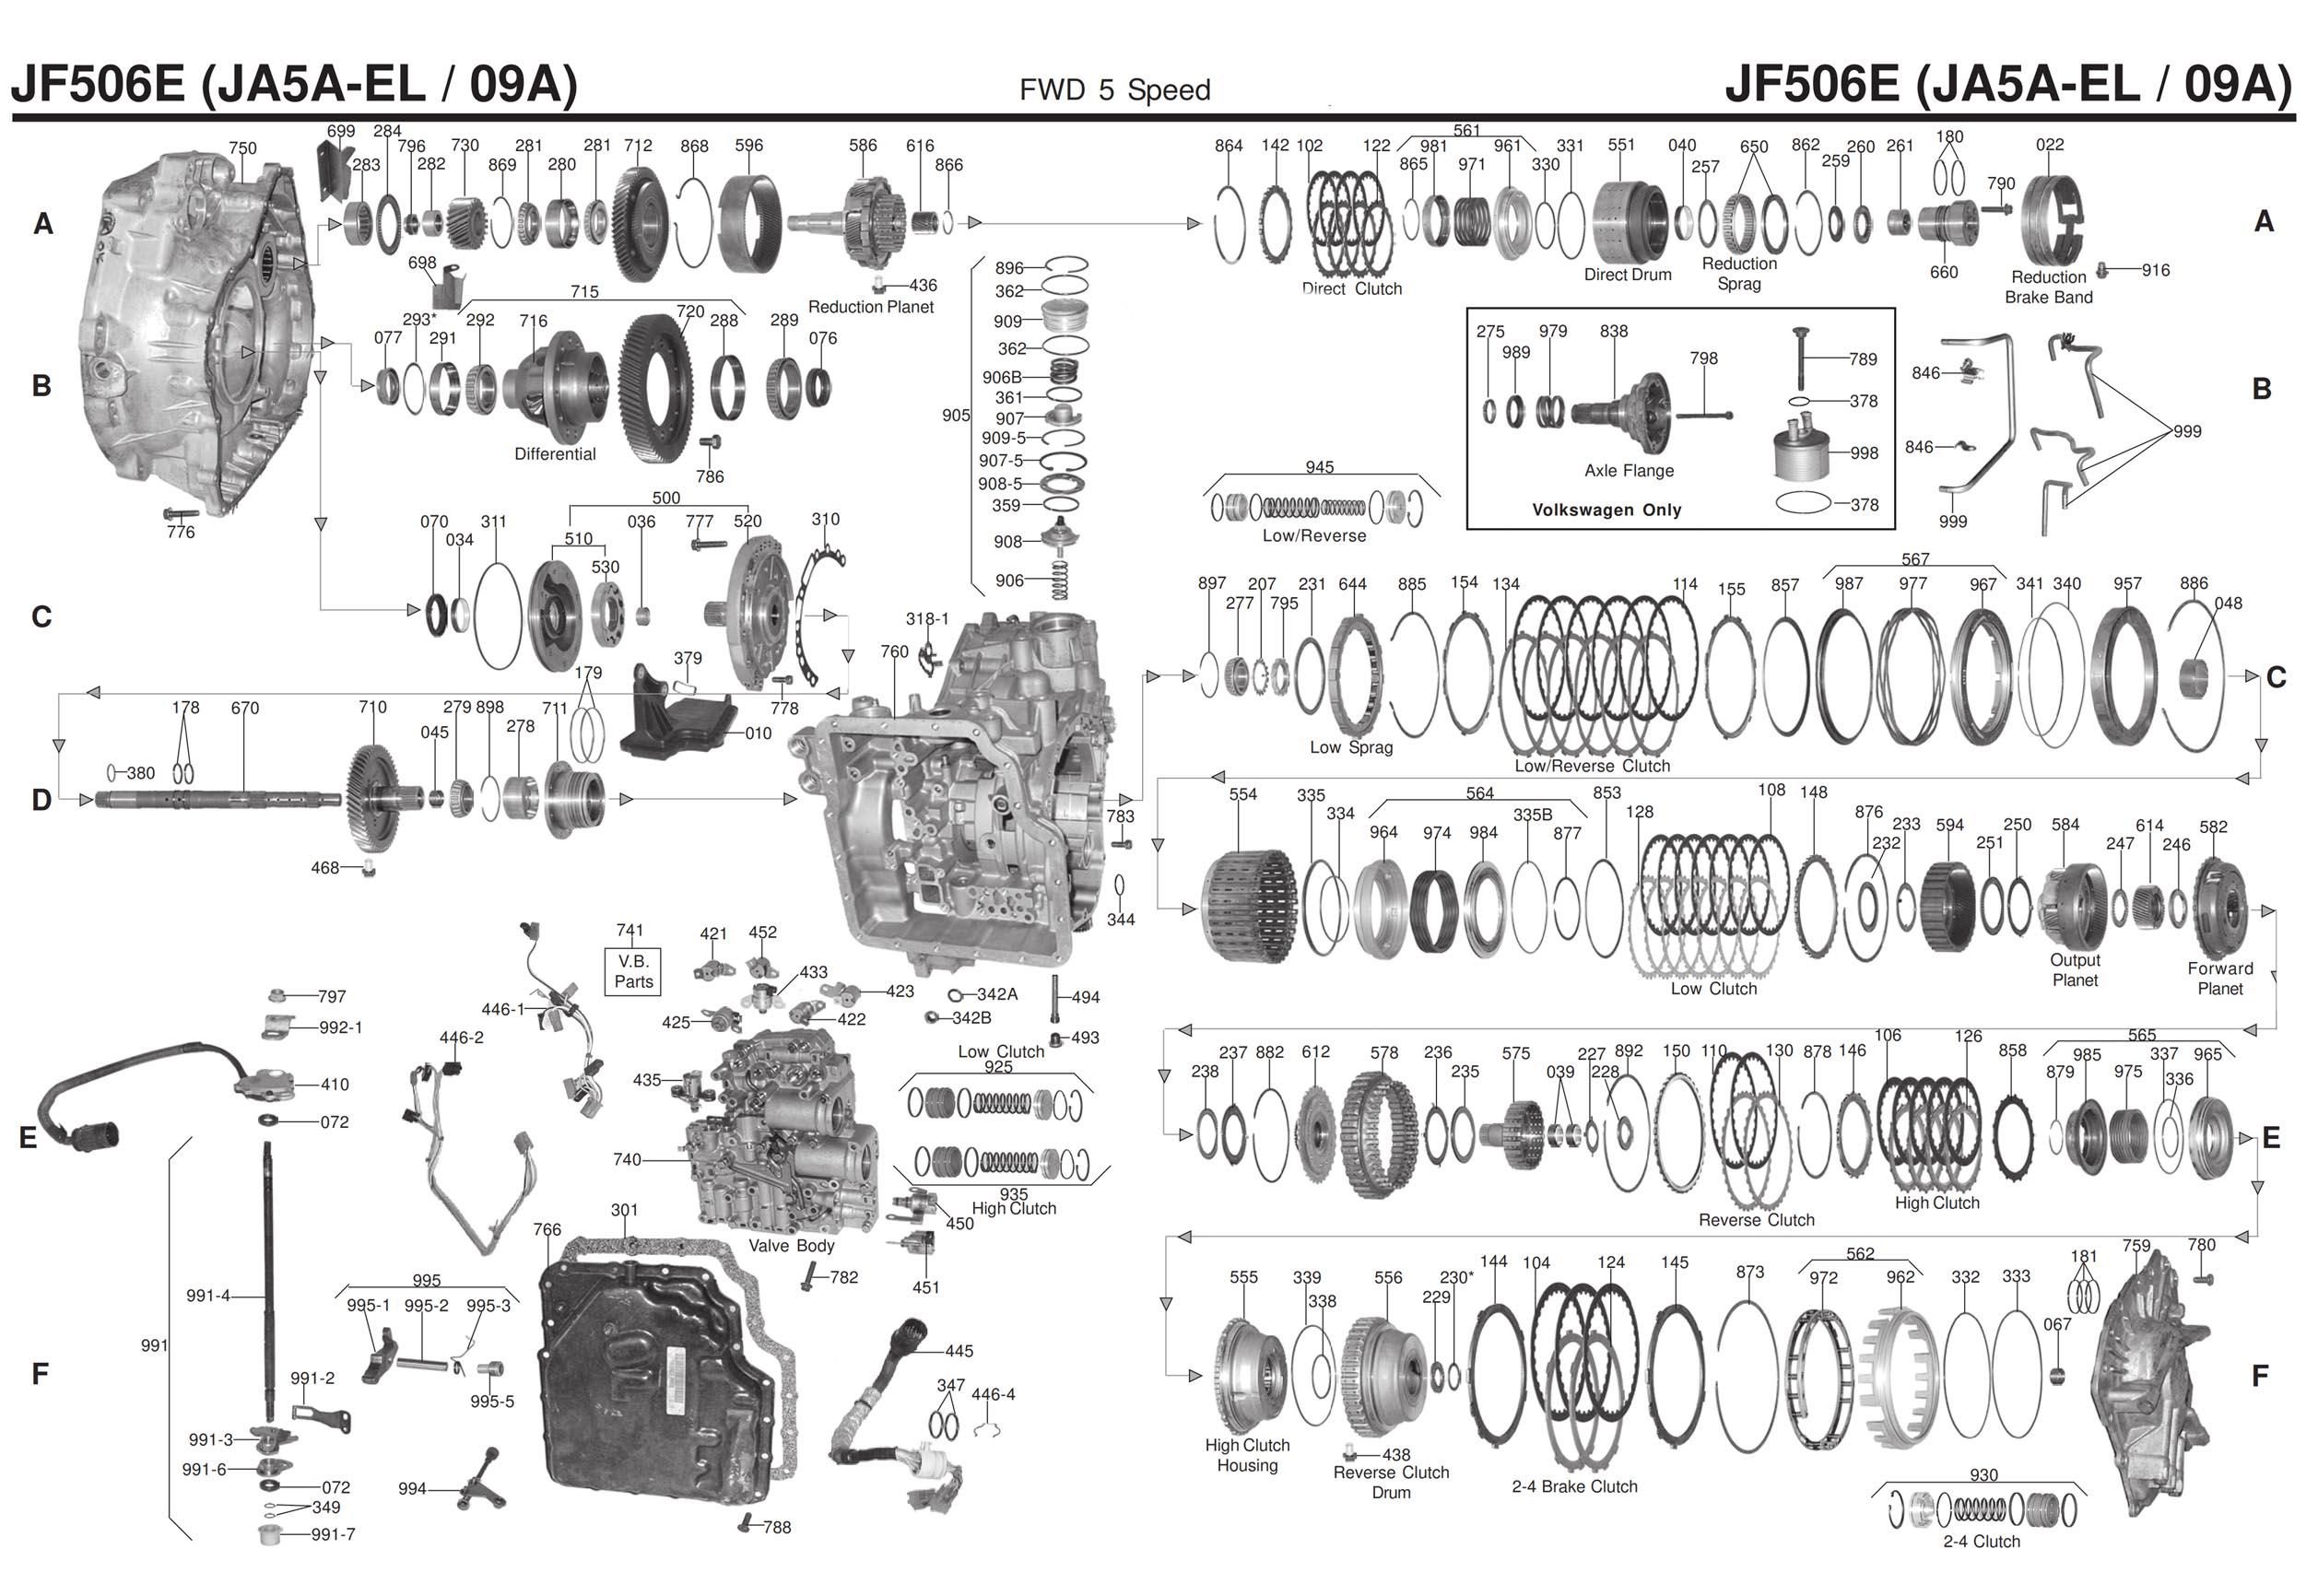 transmission repair manuals 09a vw jf506e ja5a el re5f01a rh at manuals com Service Manuals Service Manuals